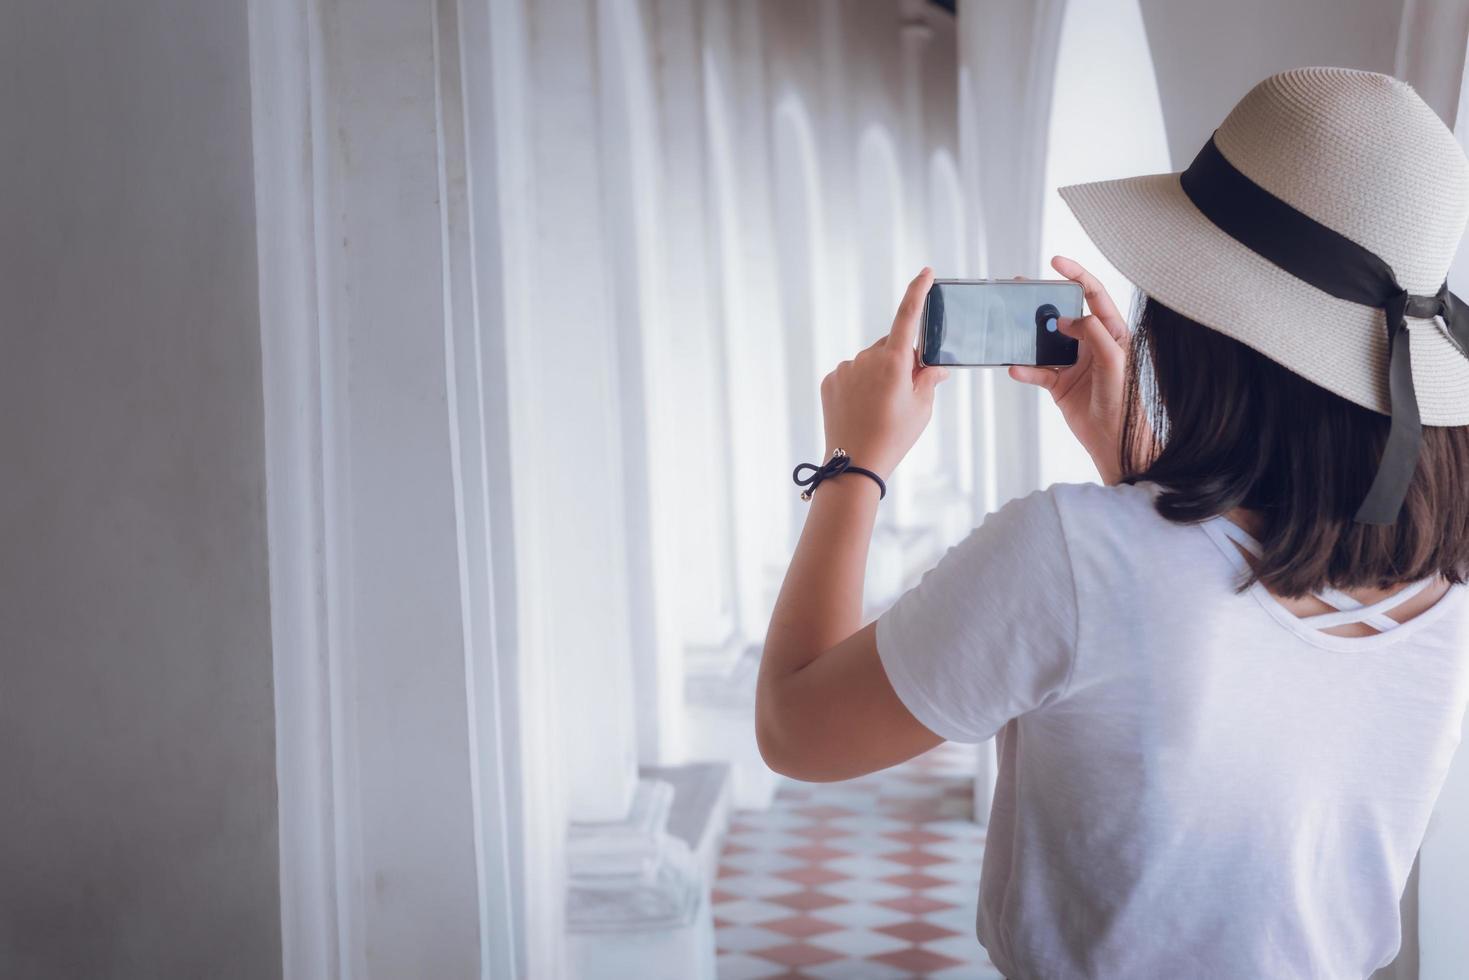 turist tar ett fotografi av arkitektur på semester foto